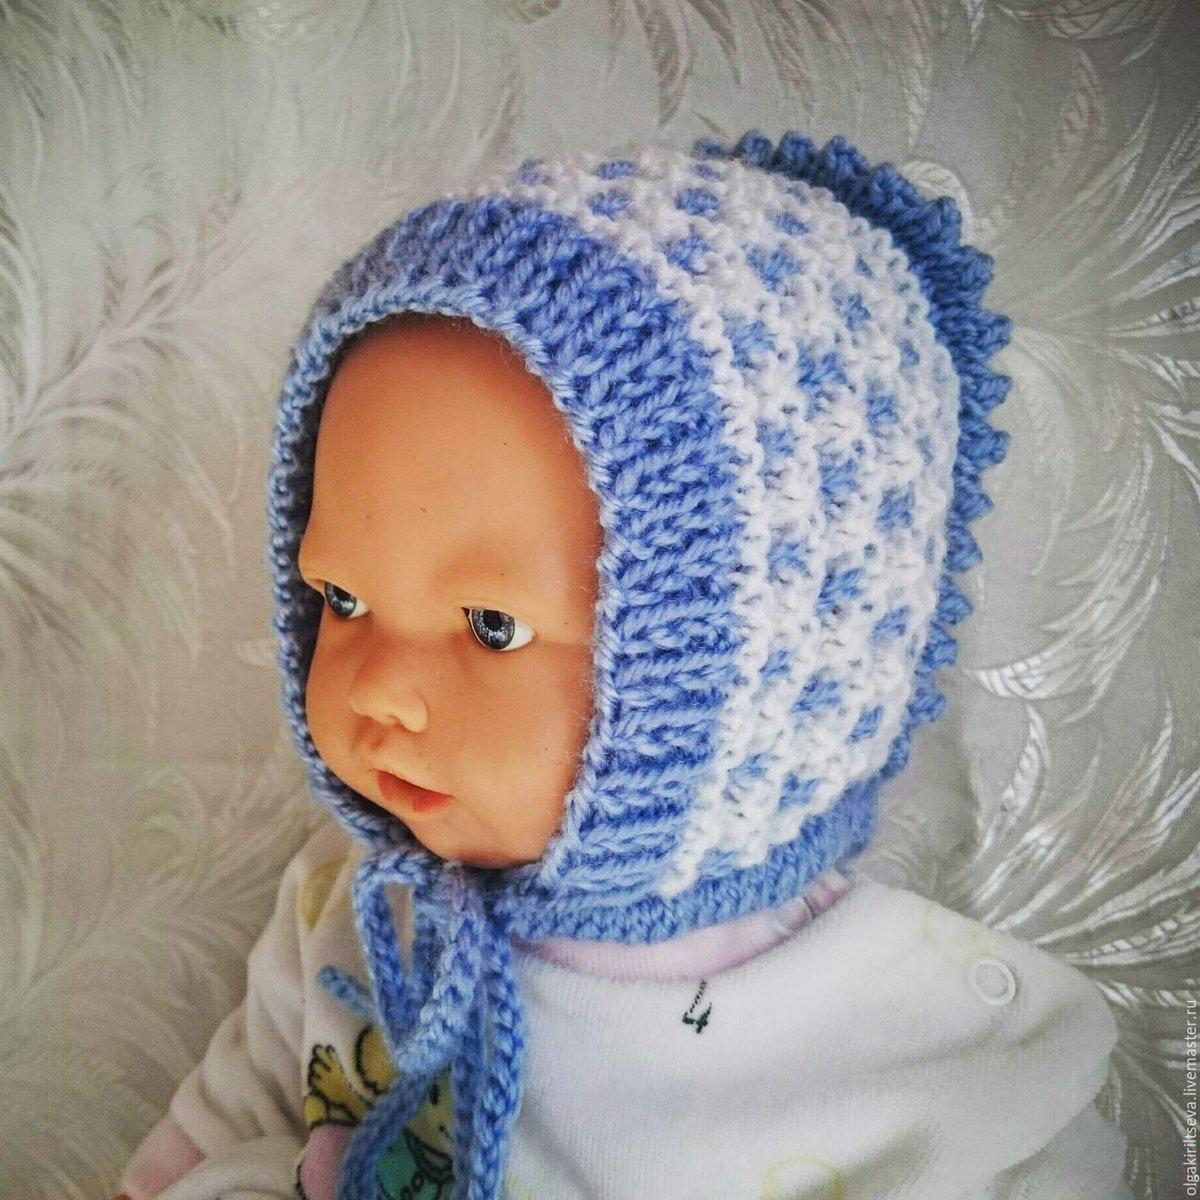 Вязание спицами шапки для детей 3 месяца